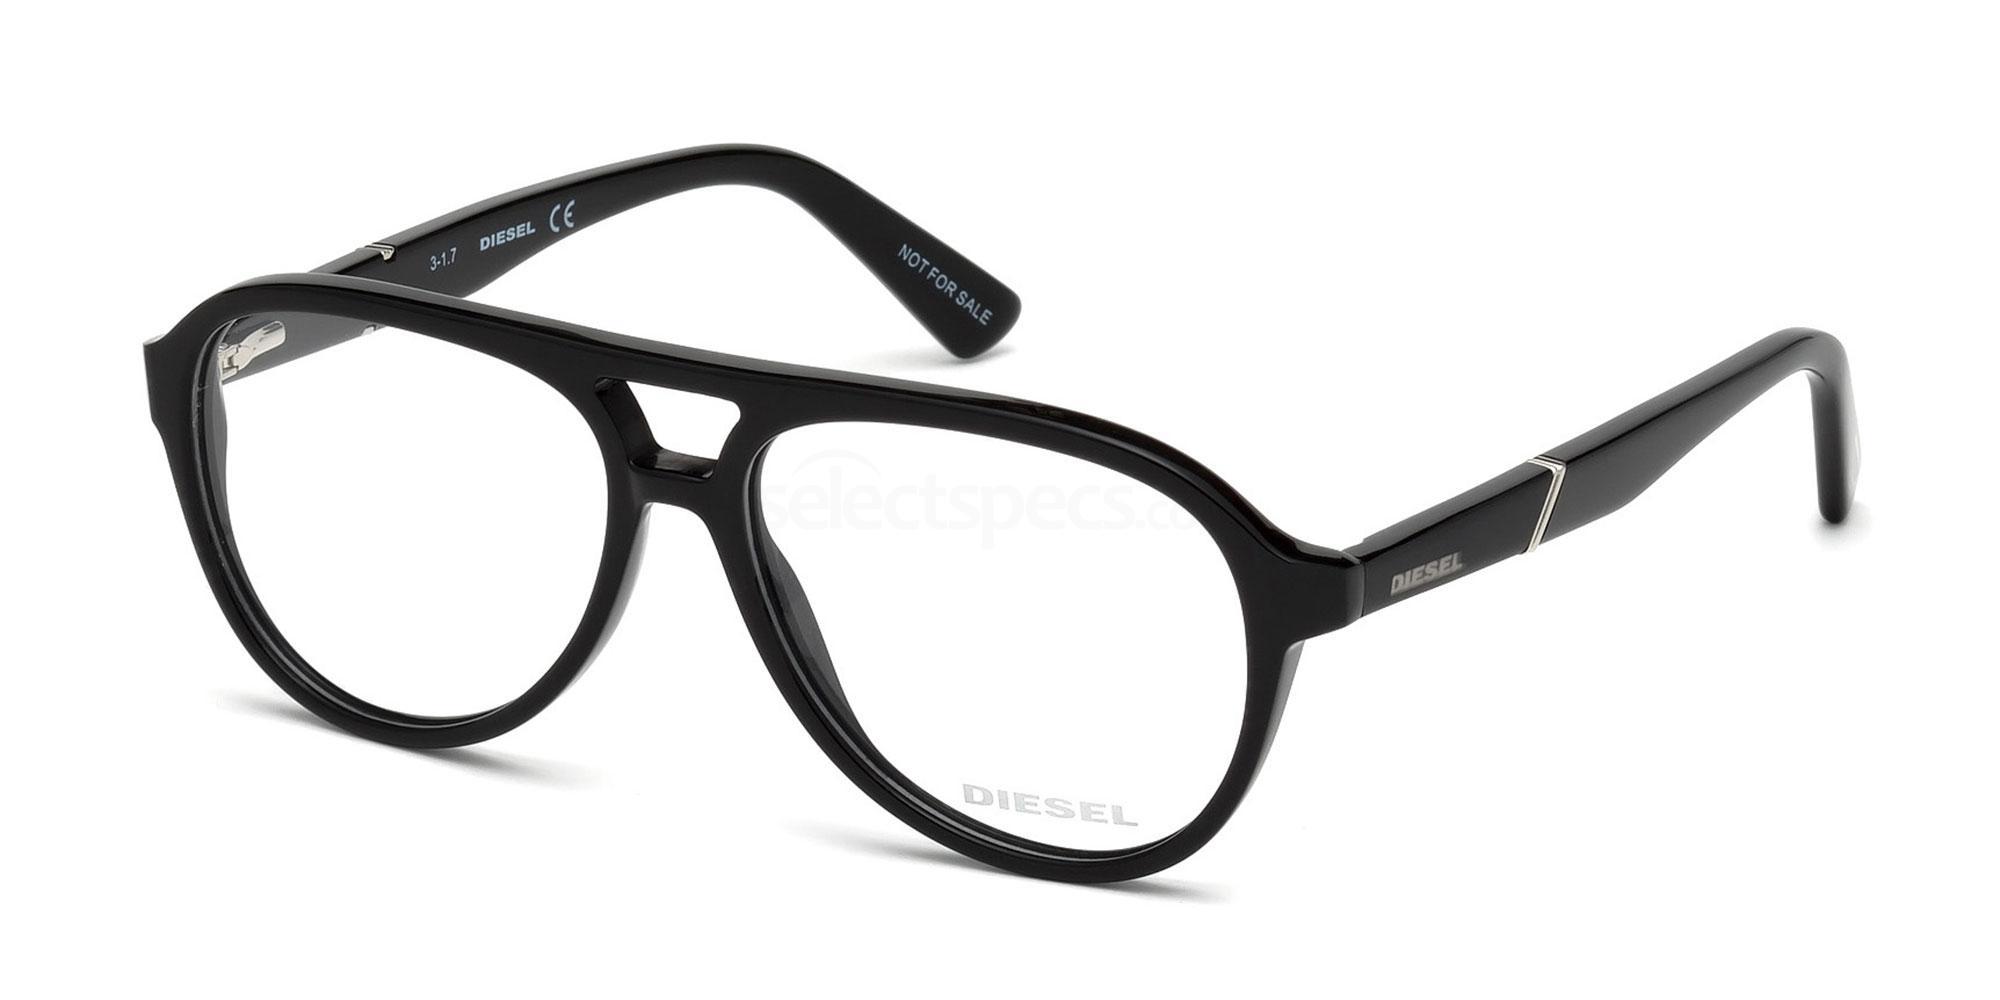 001 DL5255 Glasses, Diesel